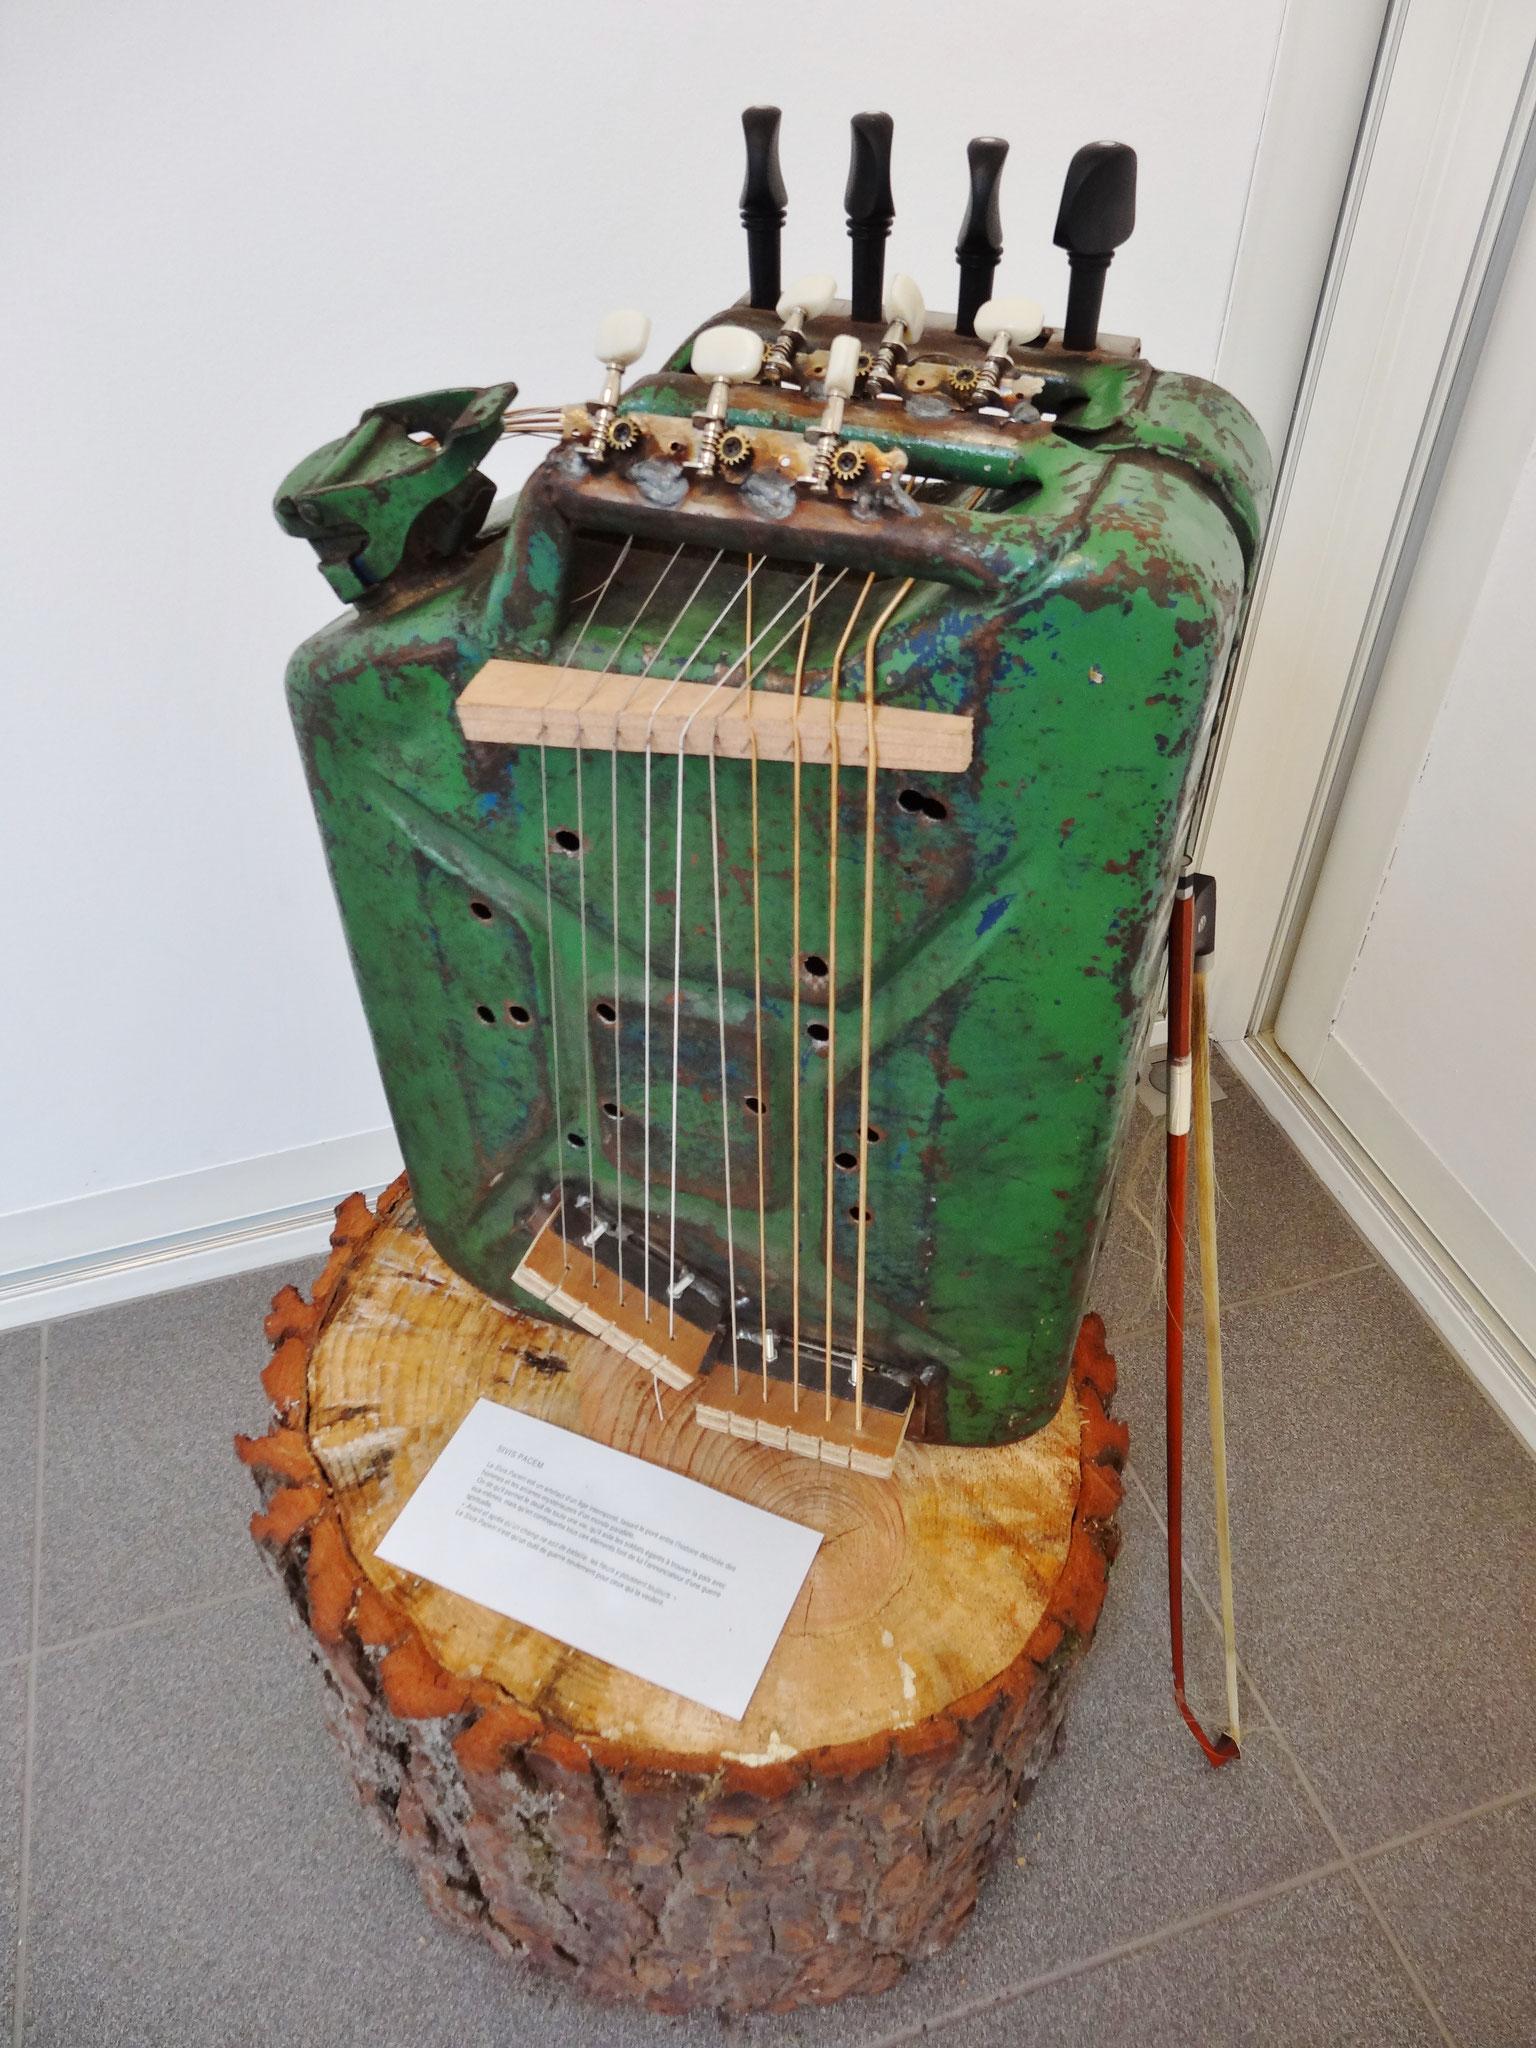 Noël Rasendrason, Sivis Pacem, 2016. Tôle d'acier, cordes guitare et basse (fer tissé), bois, 47 x 35 x 18 cm.